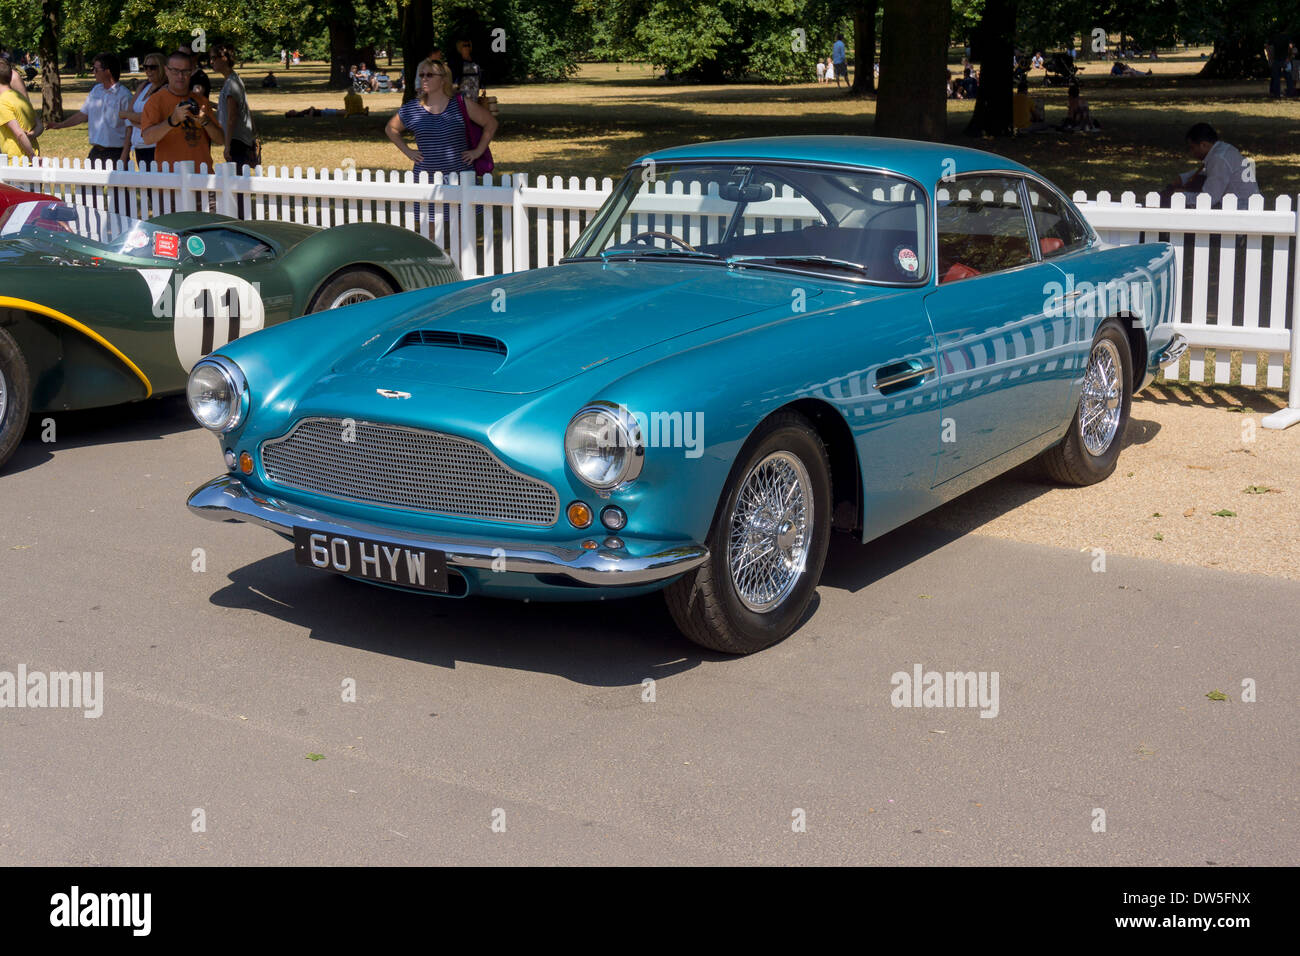 Aston Martin Db4 Series 1 1958 1960 Aston Martin Timeline Stock Photo Alamy